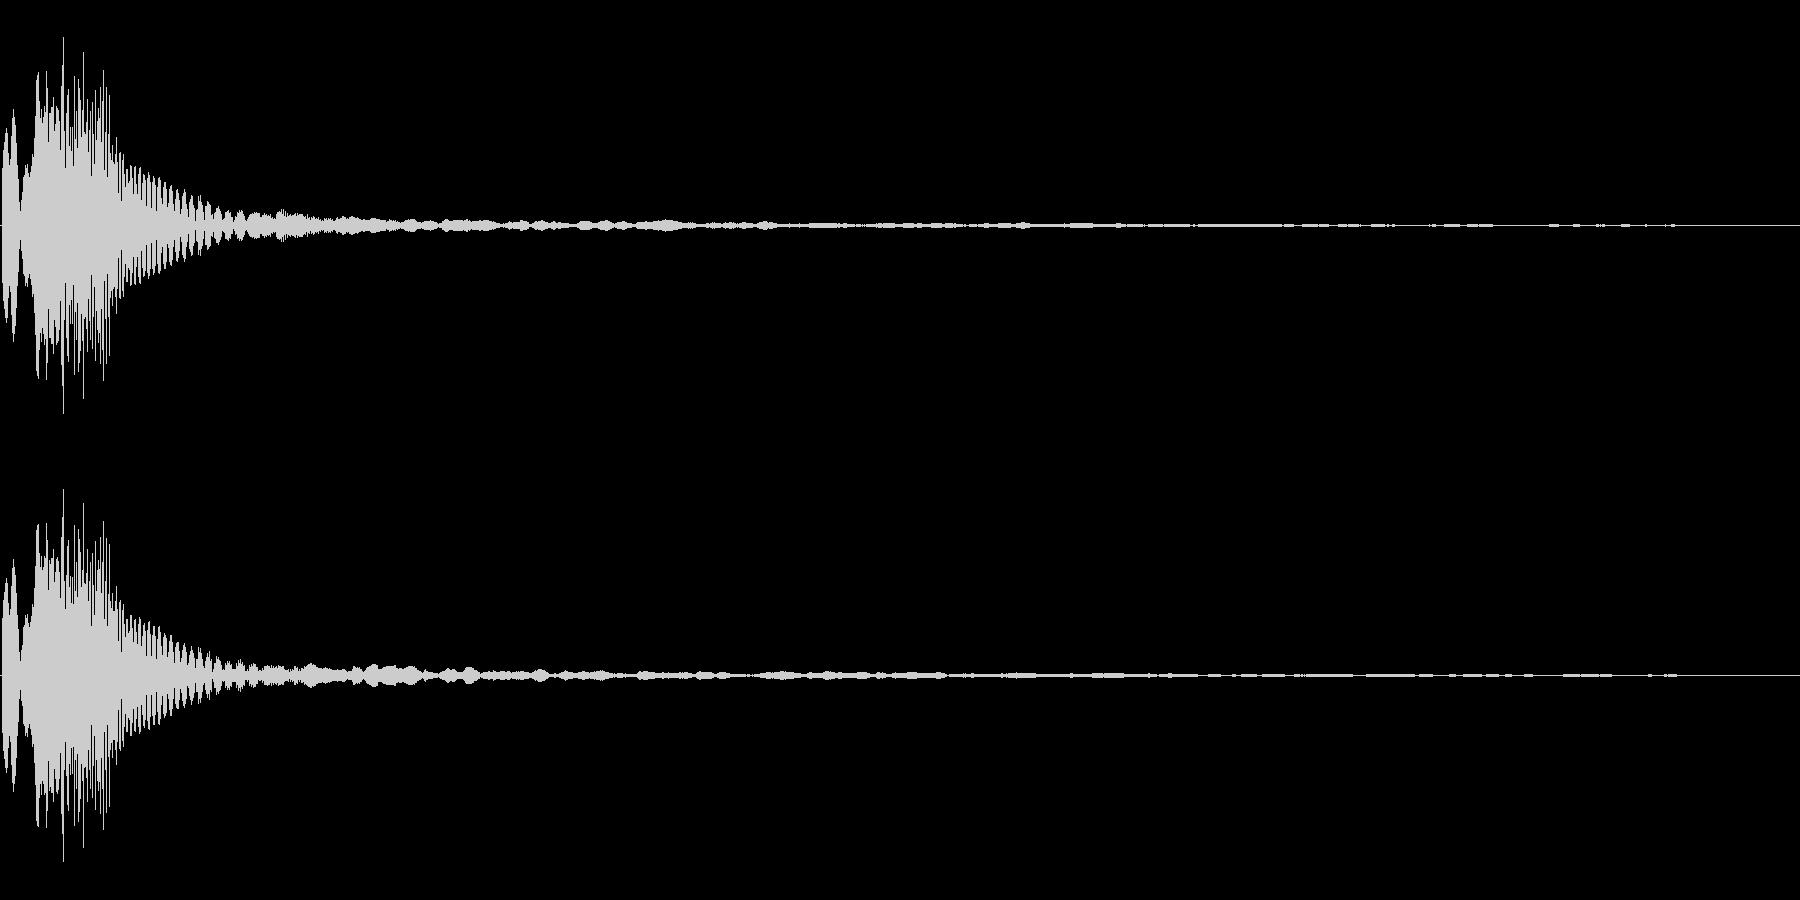 近未来チックな電子音の未再生の波形